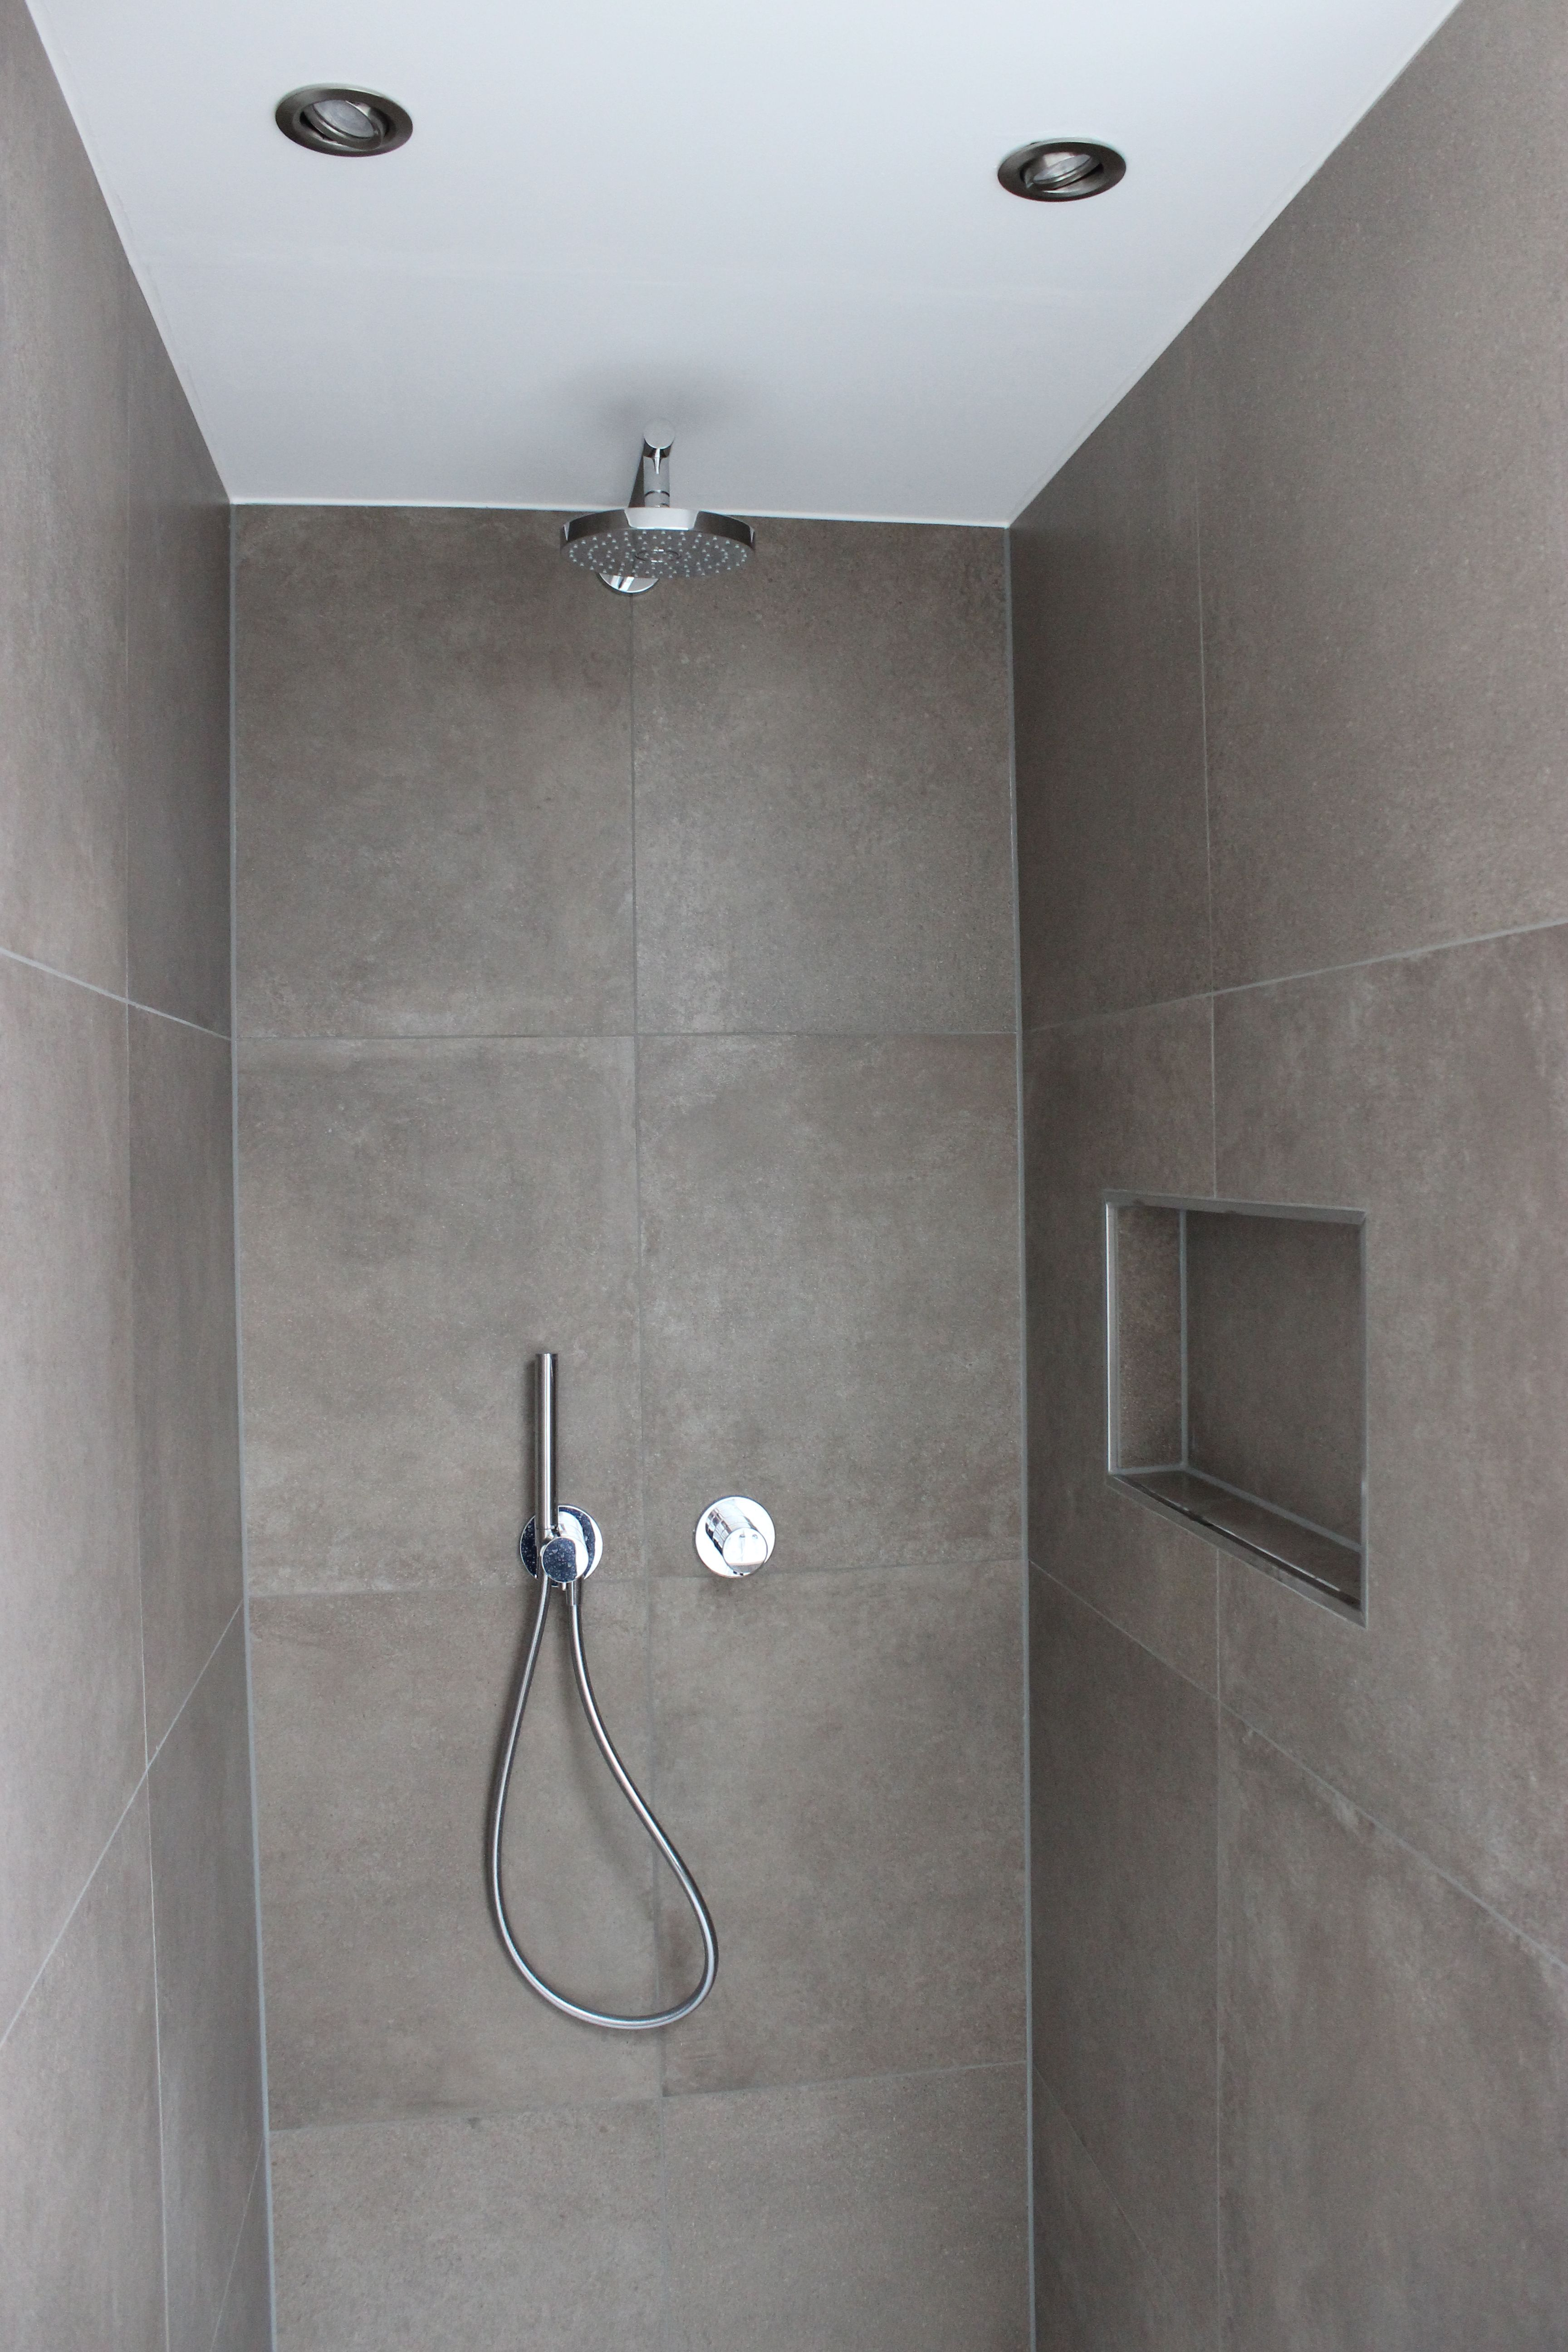 Modernes Zeitloses Bad Mit Praktische Nischen Fliesen In Betonoptik Farbe Mokka Wande Stucco Feinspachtel Mit G Fliesen Betonoptik Betonoptik Badezimmerideen